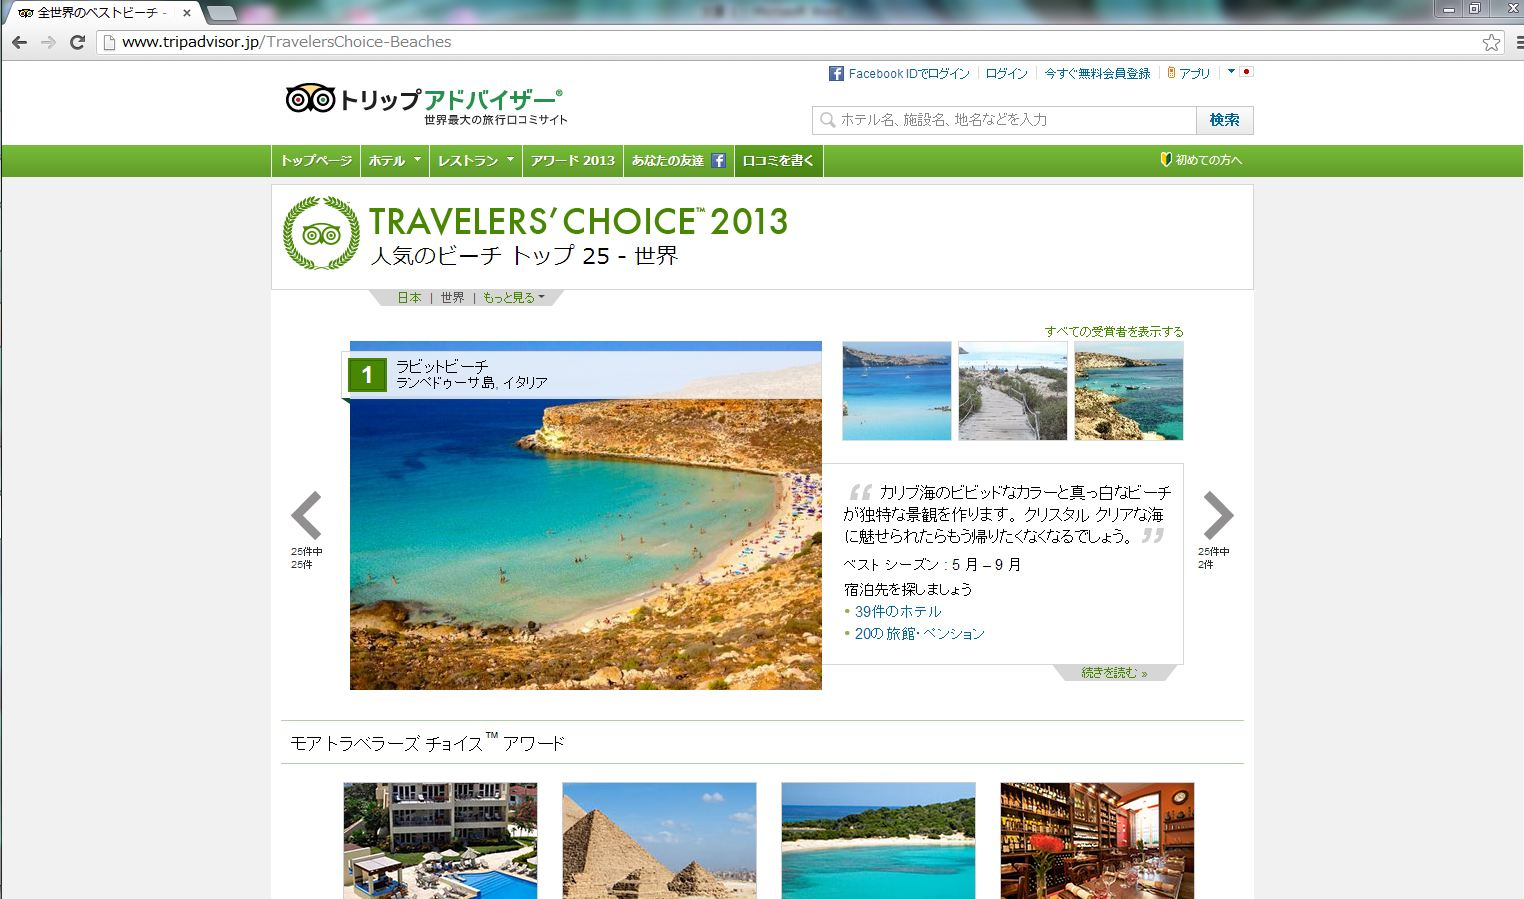 世界のビーチランキング2013、世界トップはイタリア、日本トップは宮古島